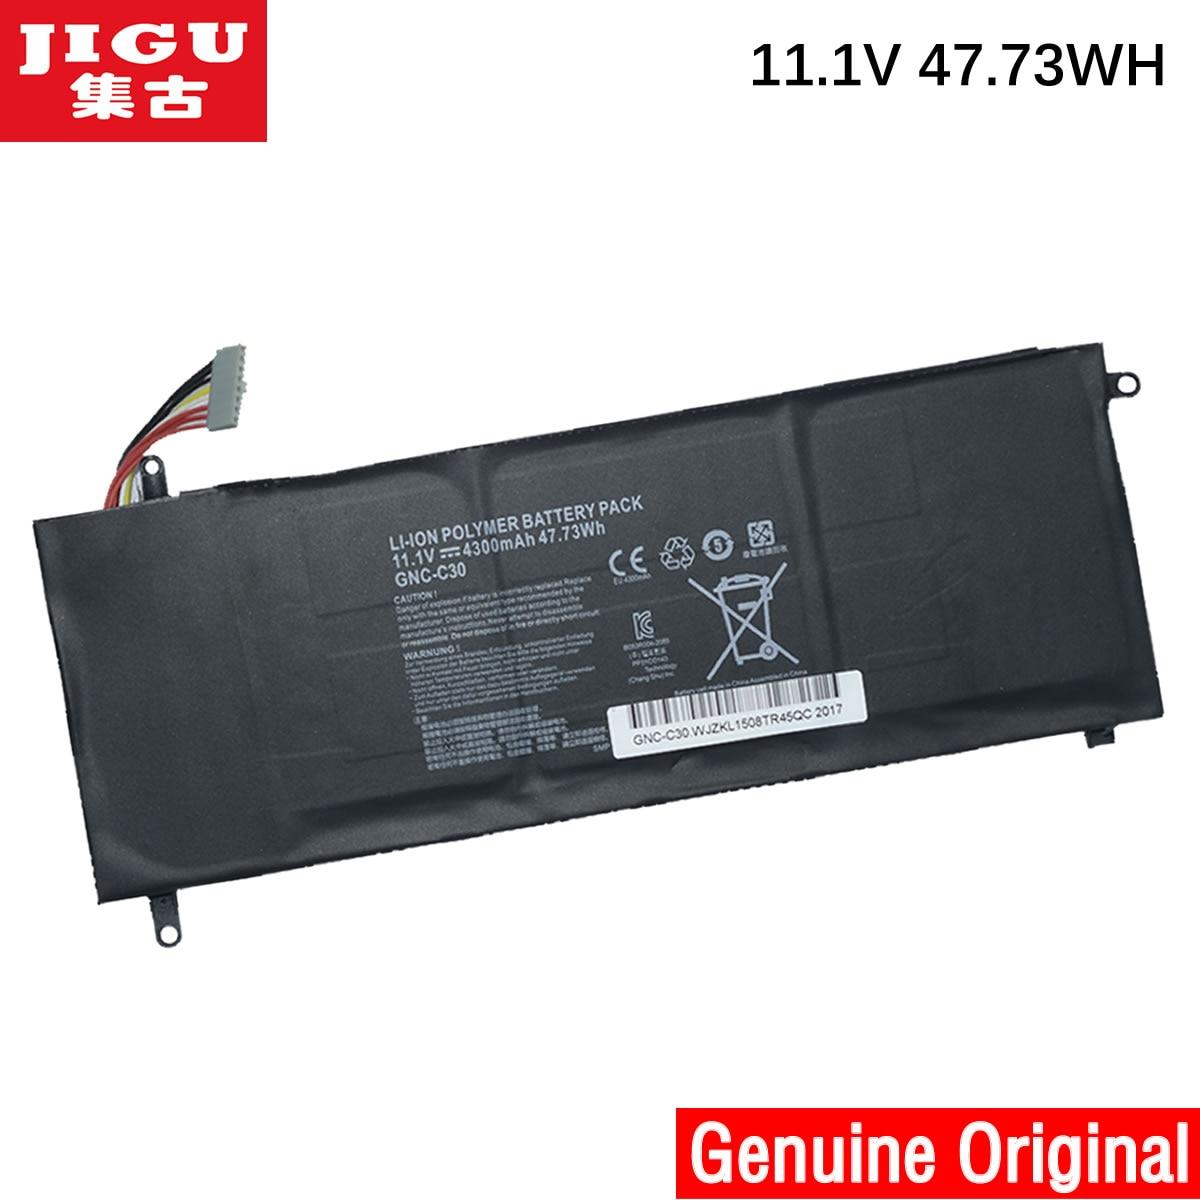 JIGU SCHENKER 961TA002F GNC-C30 Original Laptop Battery XMG C404 FOR GIGABYTE P34G V1 v2 U24 U2442 U2442D U2442F U2442N U2442S цены